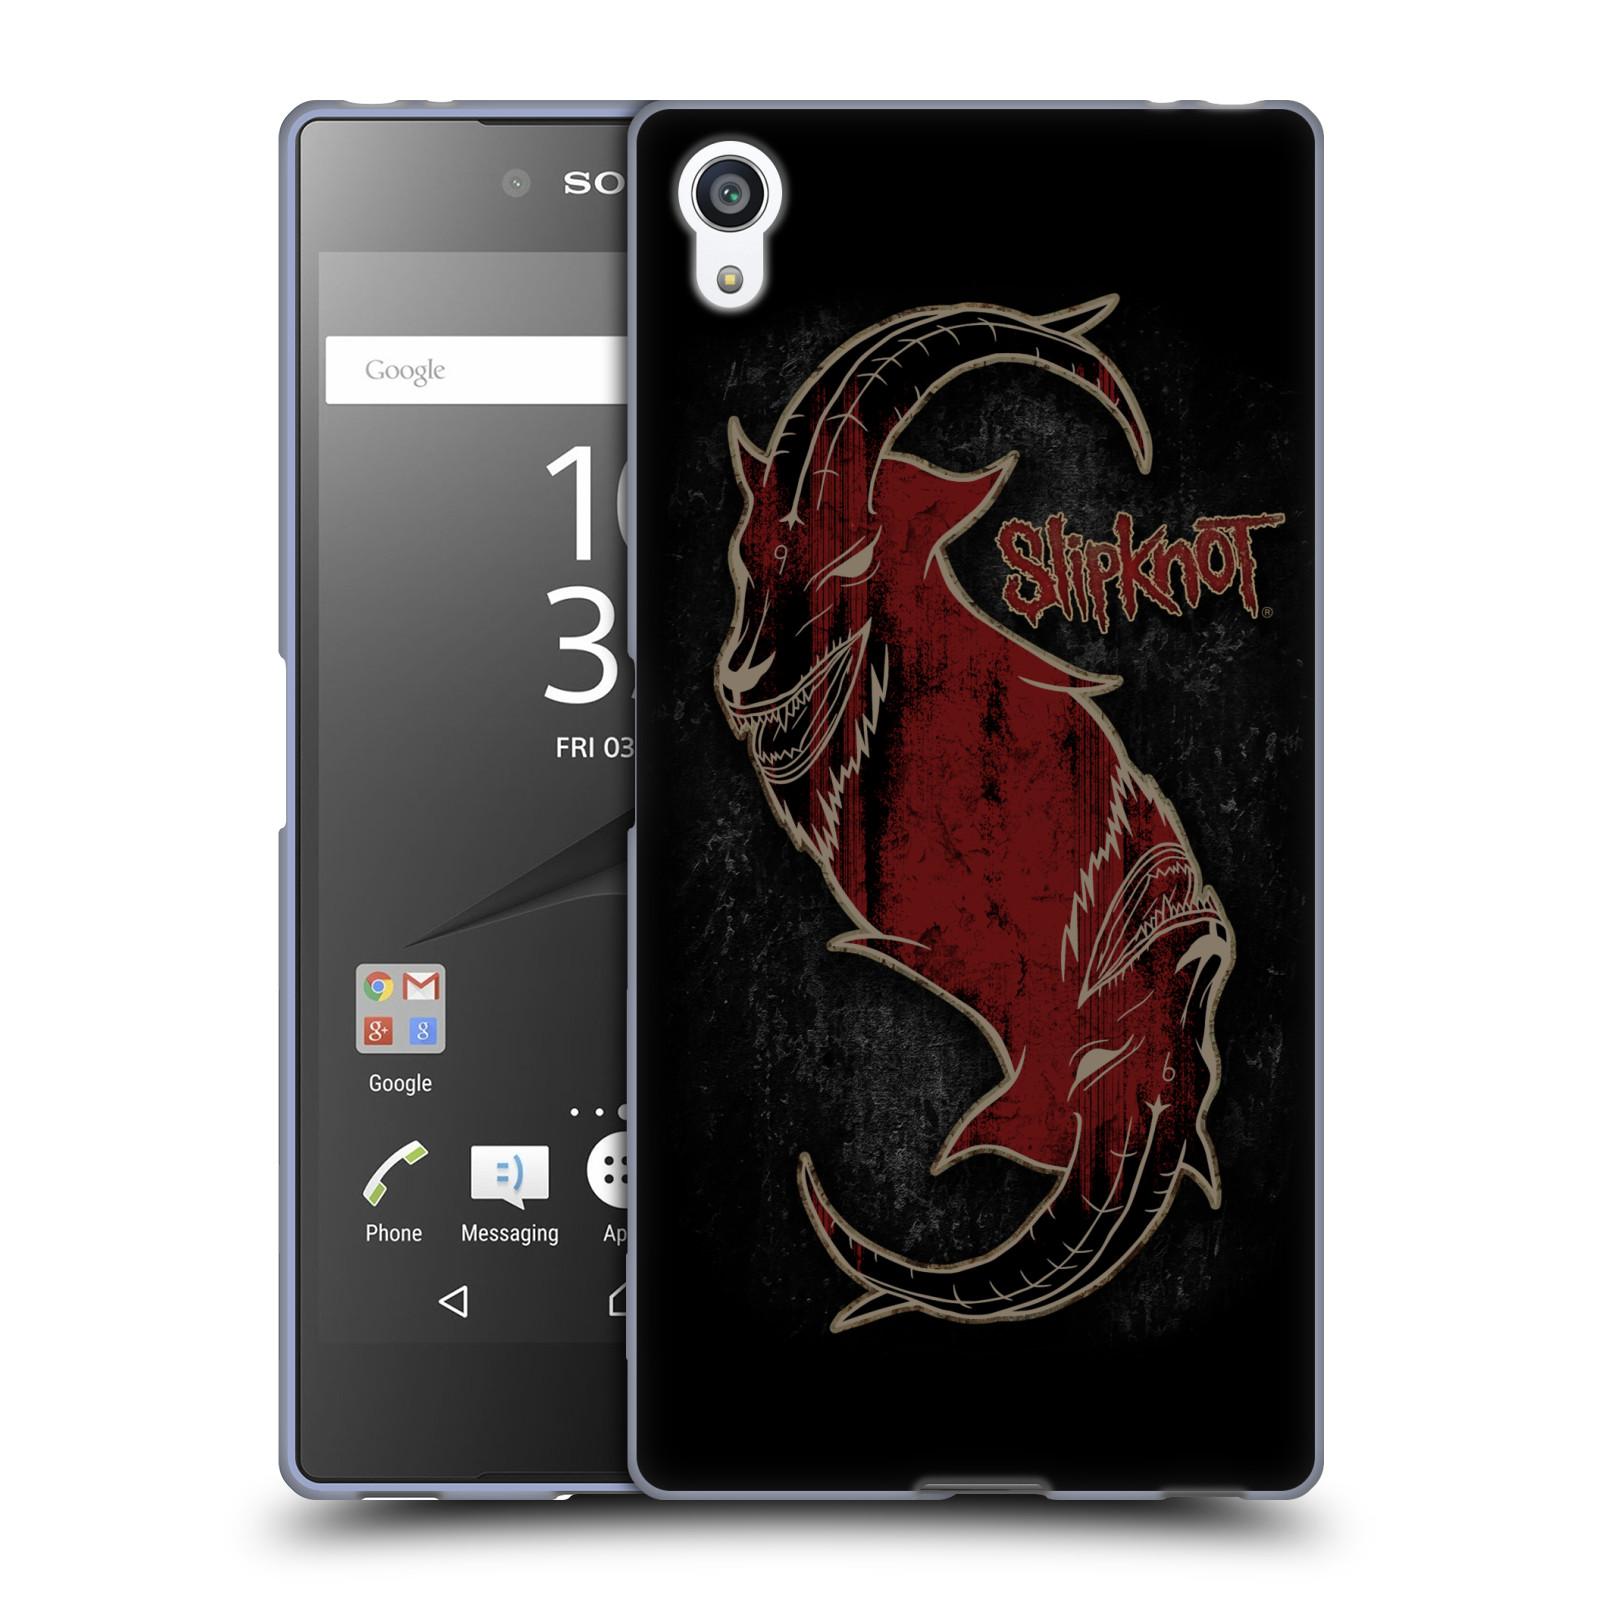 Silikonové pouzdro na mobil Sony Xperia Z5 Premium HEAD CASE Slipknot - Rudý kozel